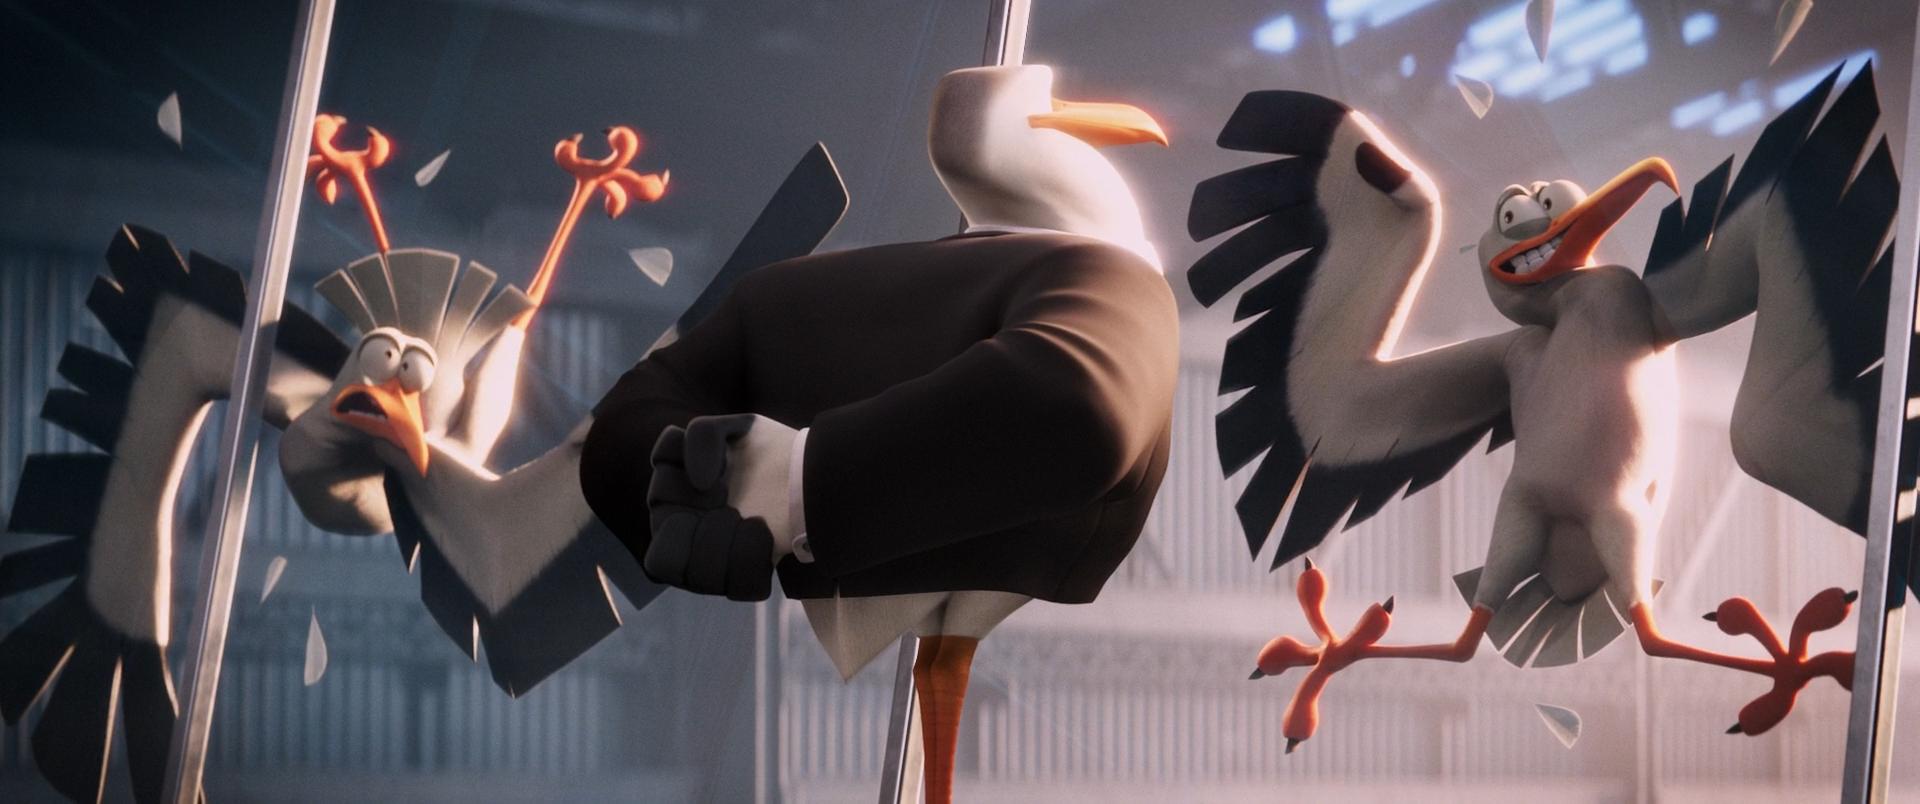 Аисты / Storks (2016) BDRip 1080p | Лицензия